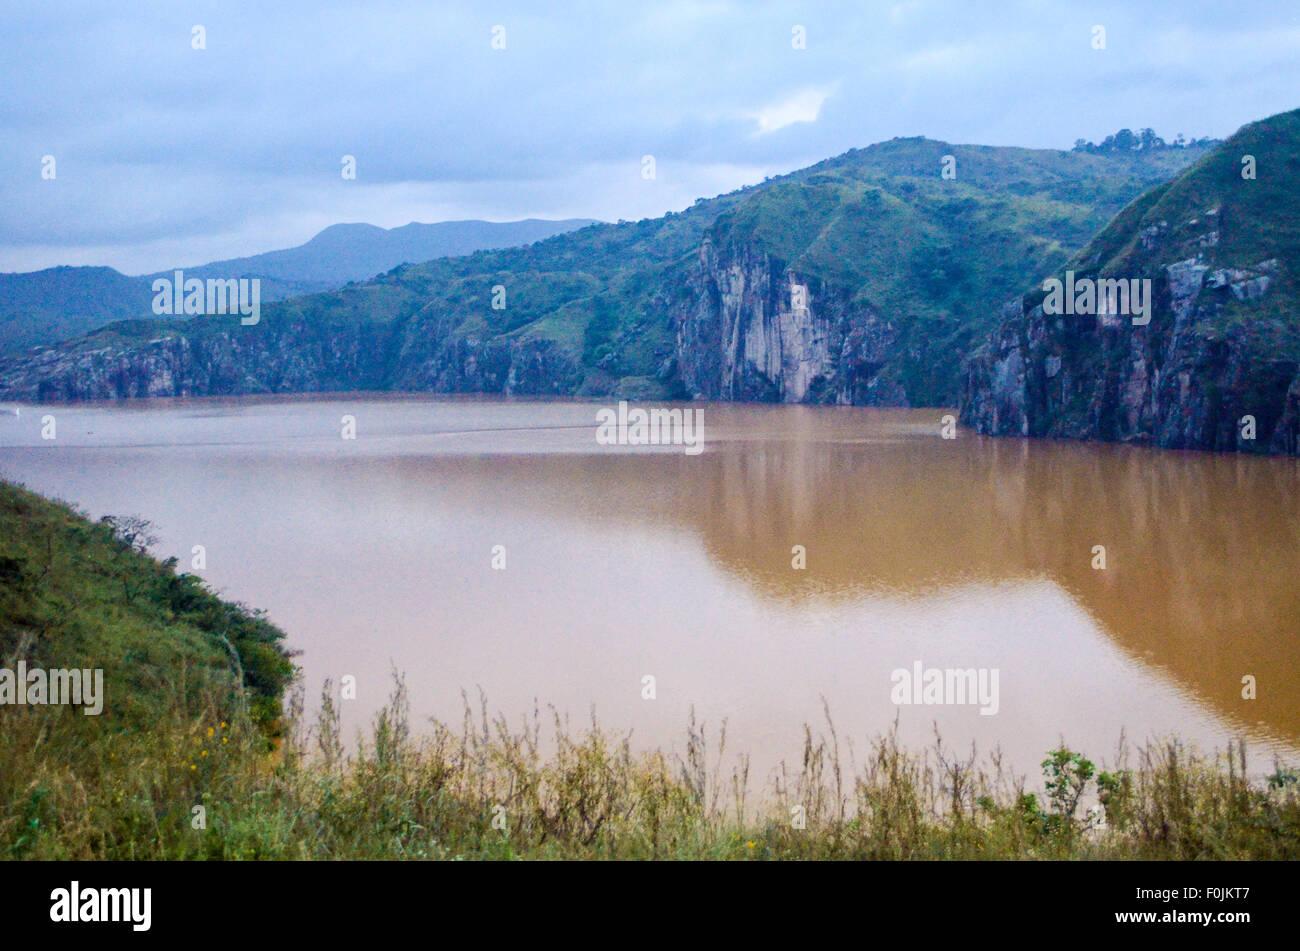 El lago Nyos a lo largo de la carretera de circunvalación de Bamenda, noroeste de Camerún / Camerún, Imagen De Stock